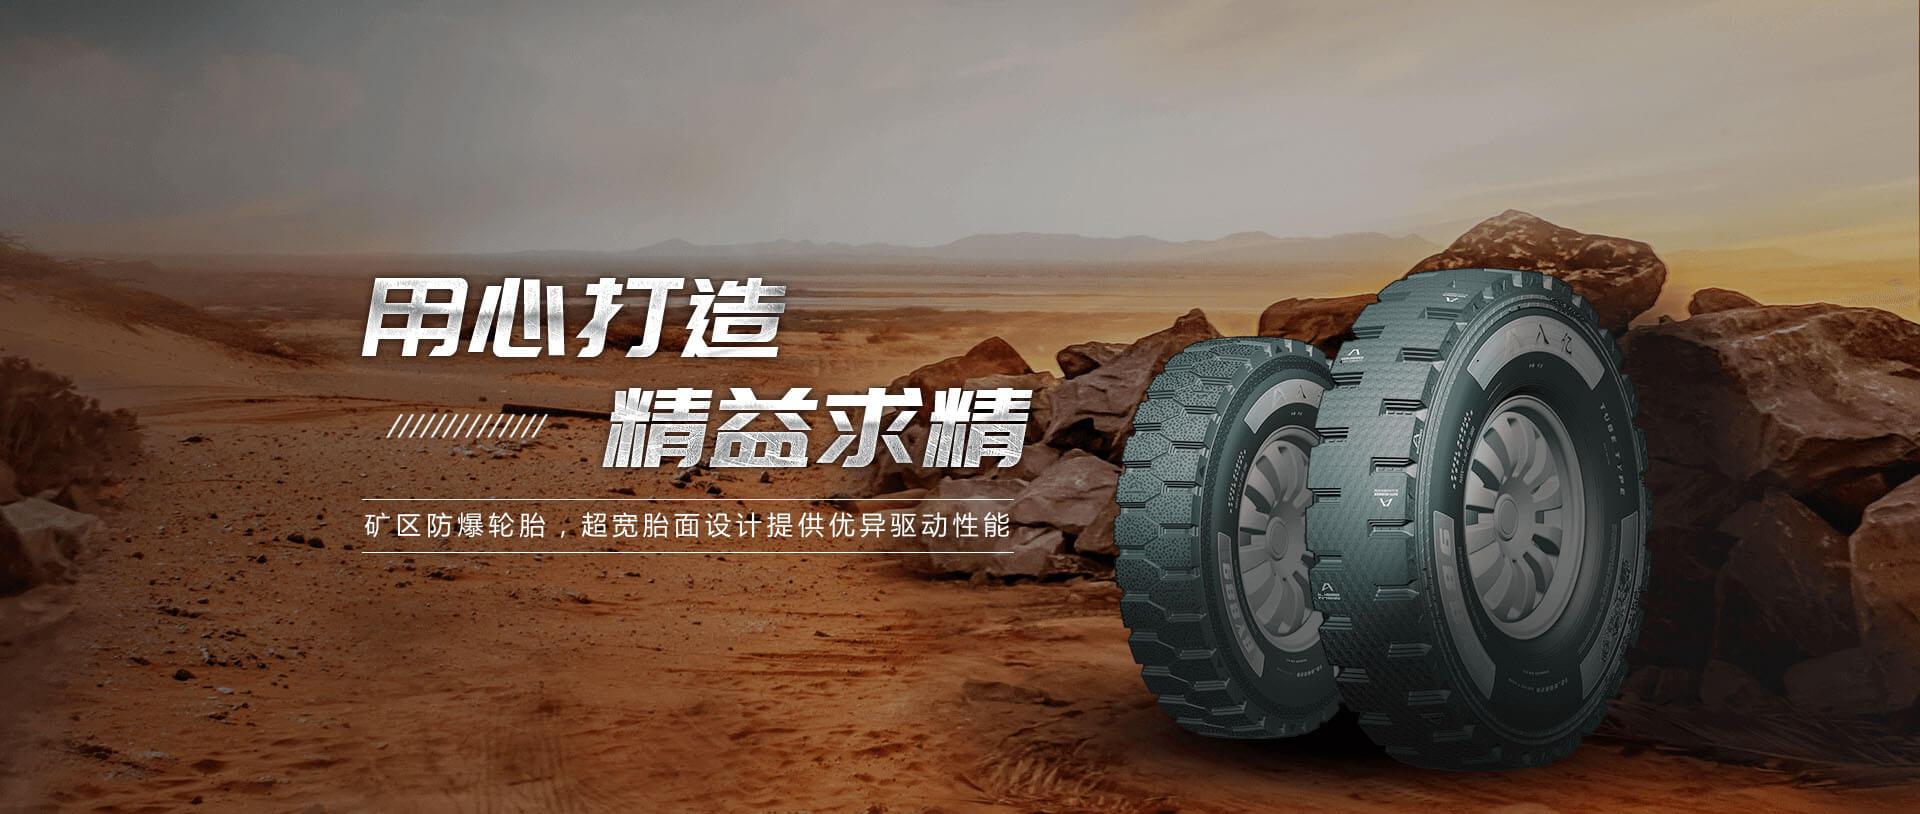 火狐娱乐平台下载-火狐娱乐平台下载官网